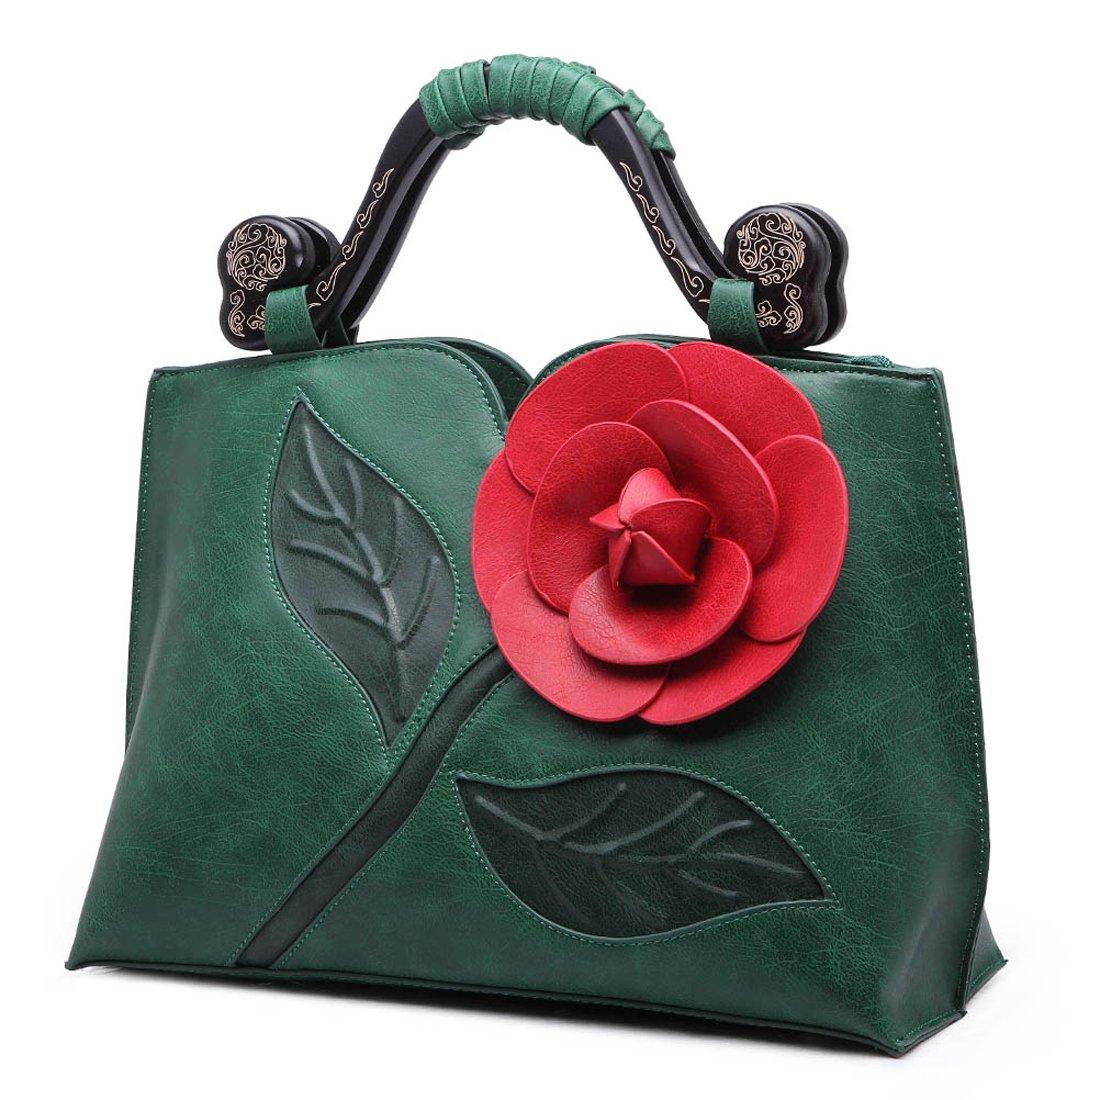 6111shenlv Ladies Handbags Women's Top Handle Satchel Handbags Wallets Totes